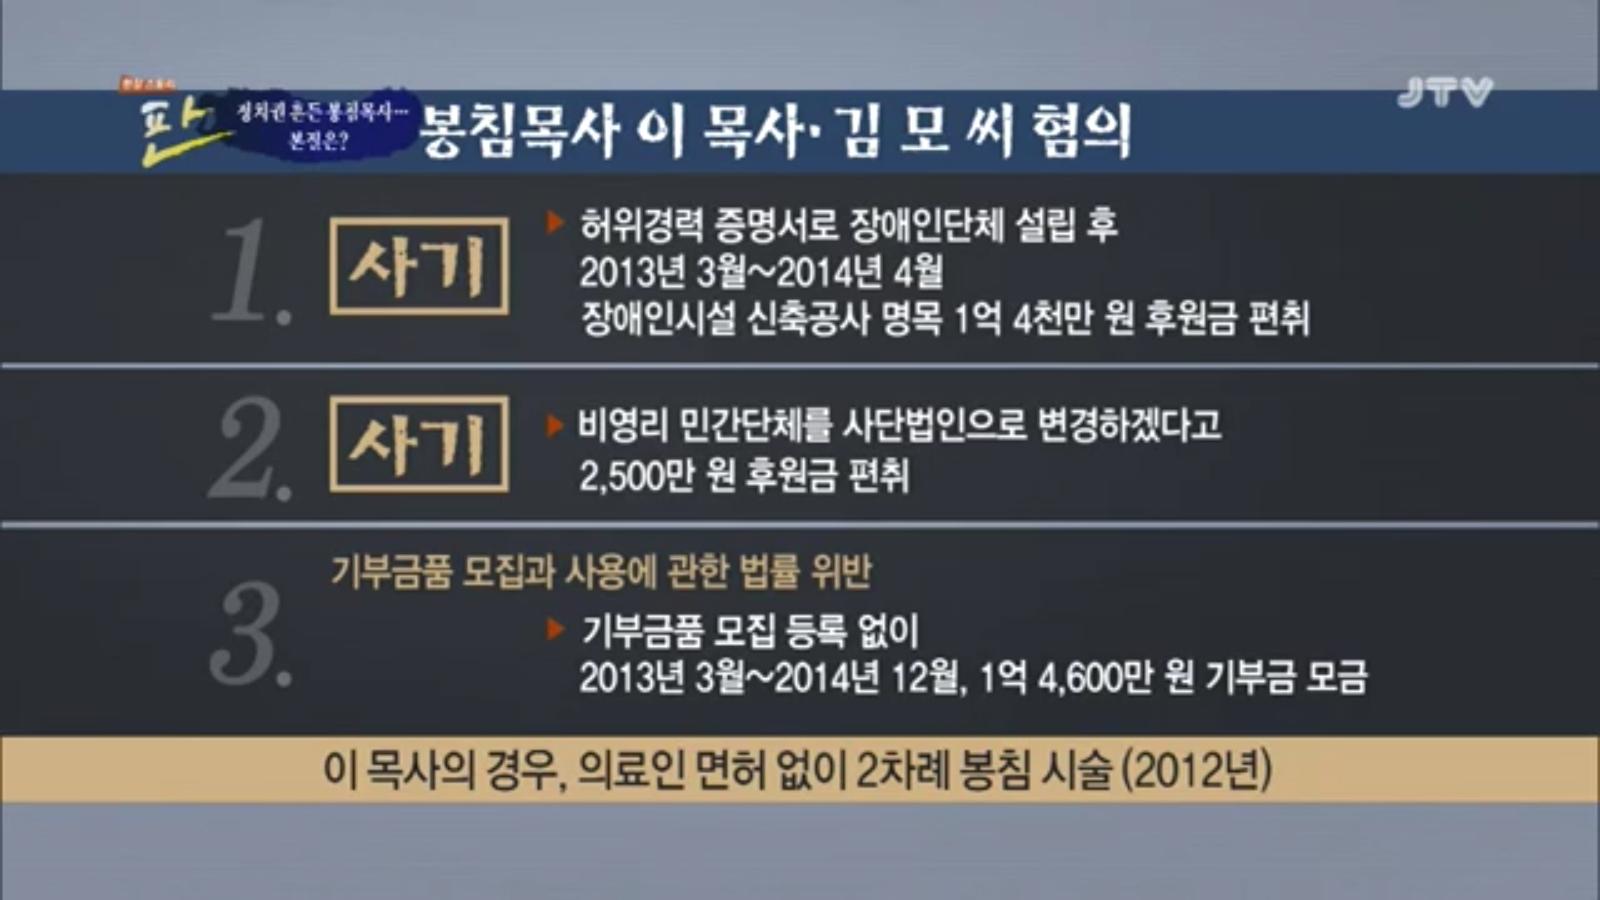 [18.4.13 JTV] 전주 봉침게이트, 정치권 흔든 봉침목사...본질은3.jpg